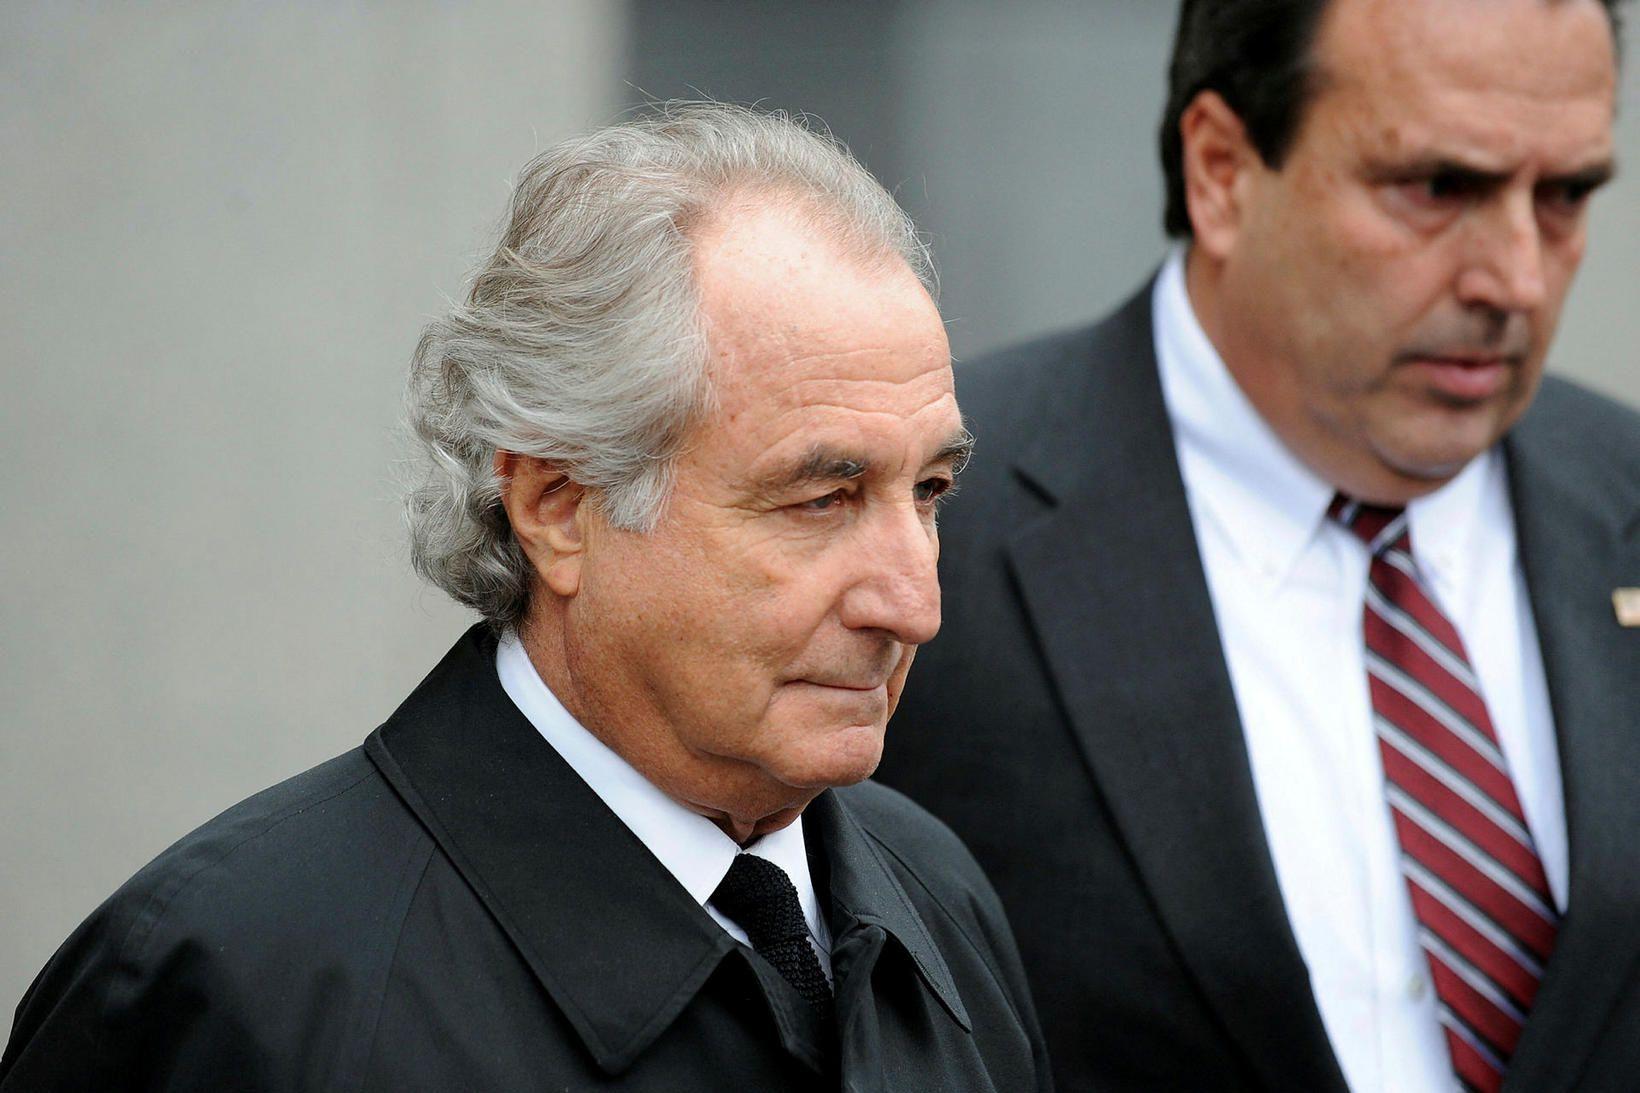 Bernard Madoff er látinn 82 ára að aldri.